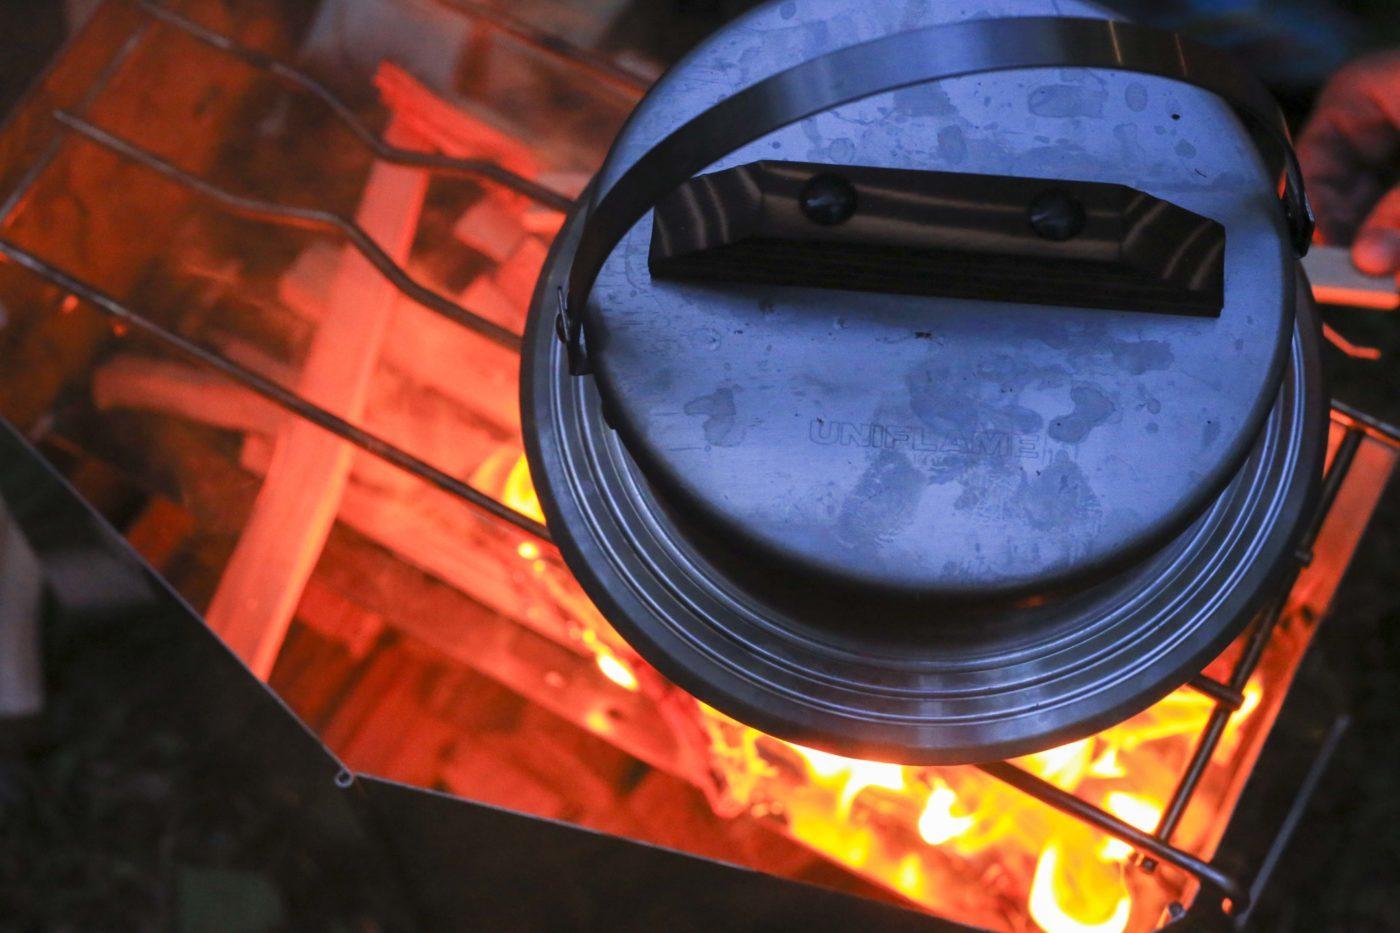 キャンプをで米を炊く時は弱火キープが基本。この写真はテンション上がりすぎて薪をくべすぎの図